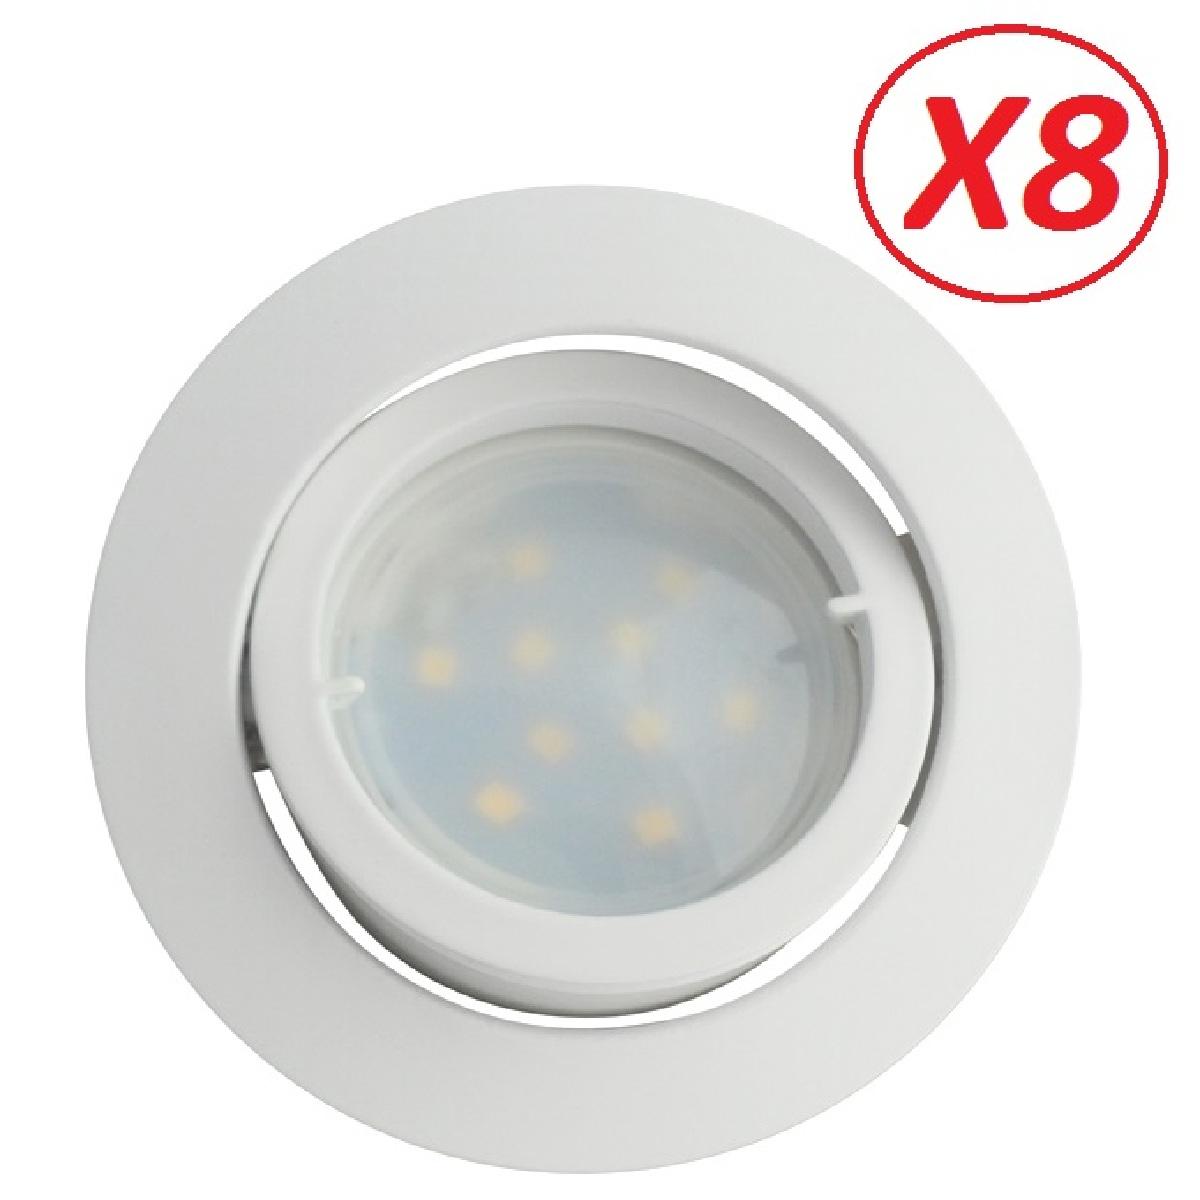 Lampesecoenergie Lot de 8 Spot Led Encastrable Complete Blanc Orientable lumière Blanc Neutre eq. 50W ref.888